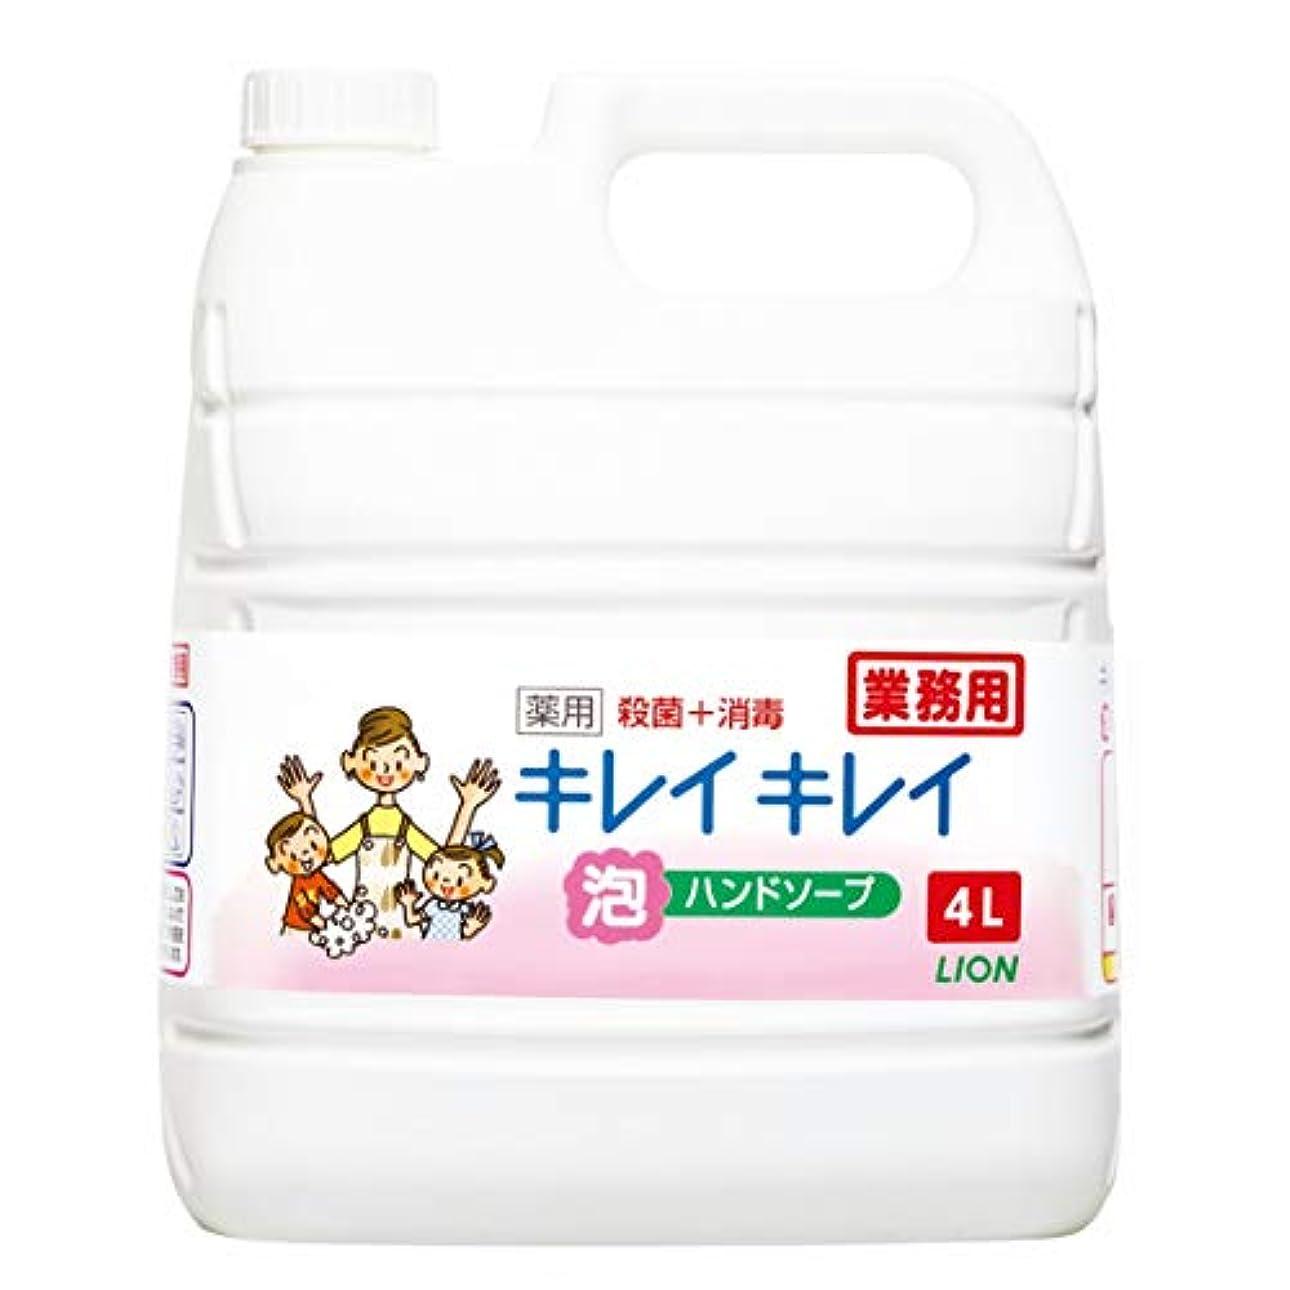 巨人軽量サービス【業務用 大容量】キレイキレイ 薬用 泡ハンドソープ シトラスフルーティの香り 4L(医薬部外品)